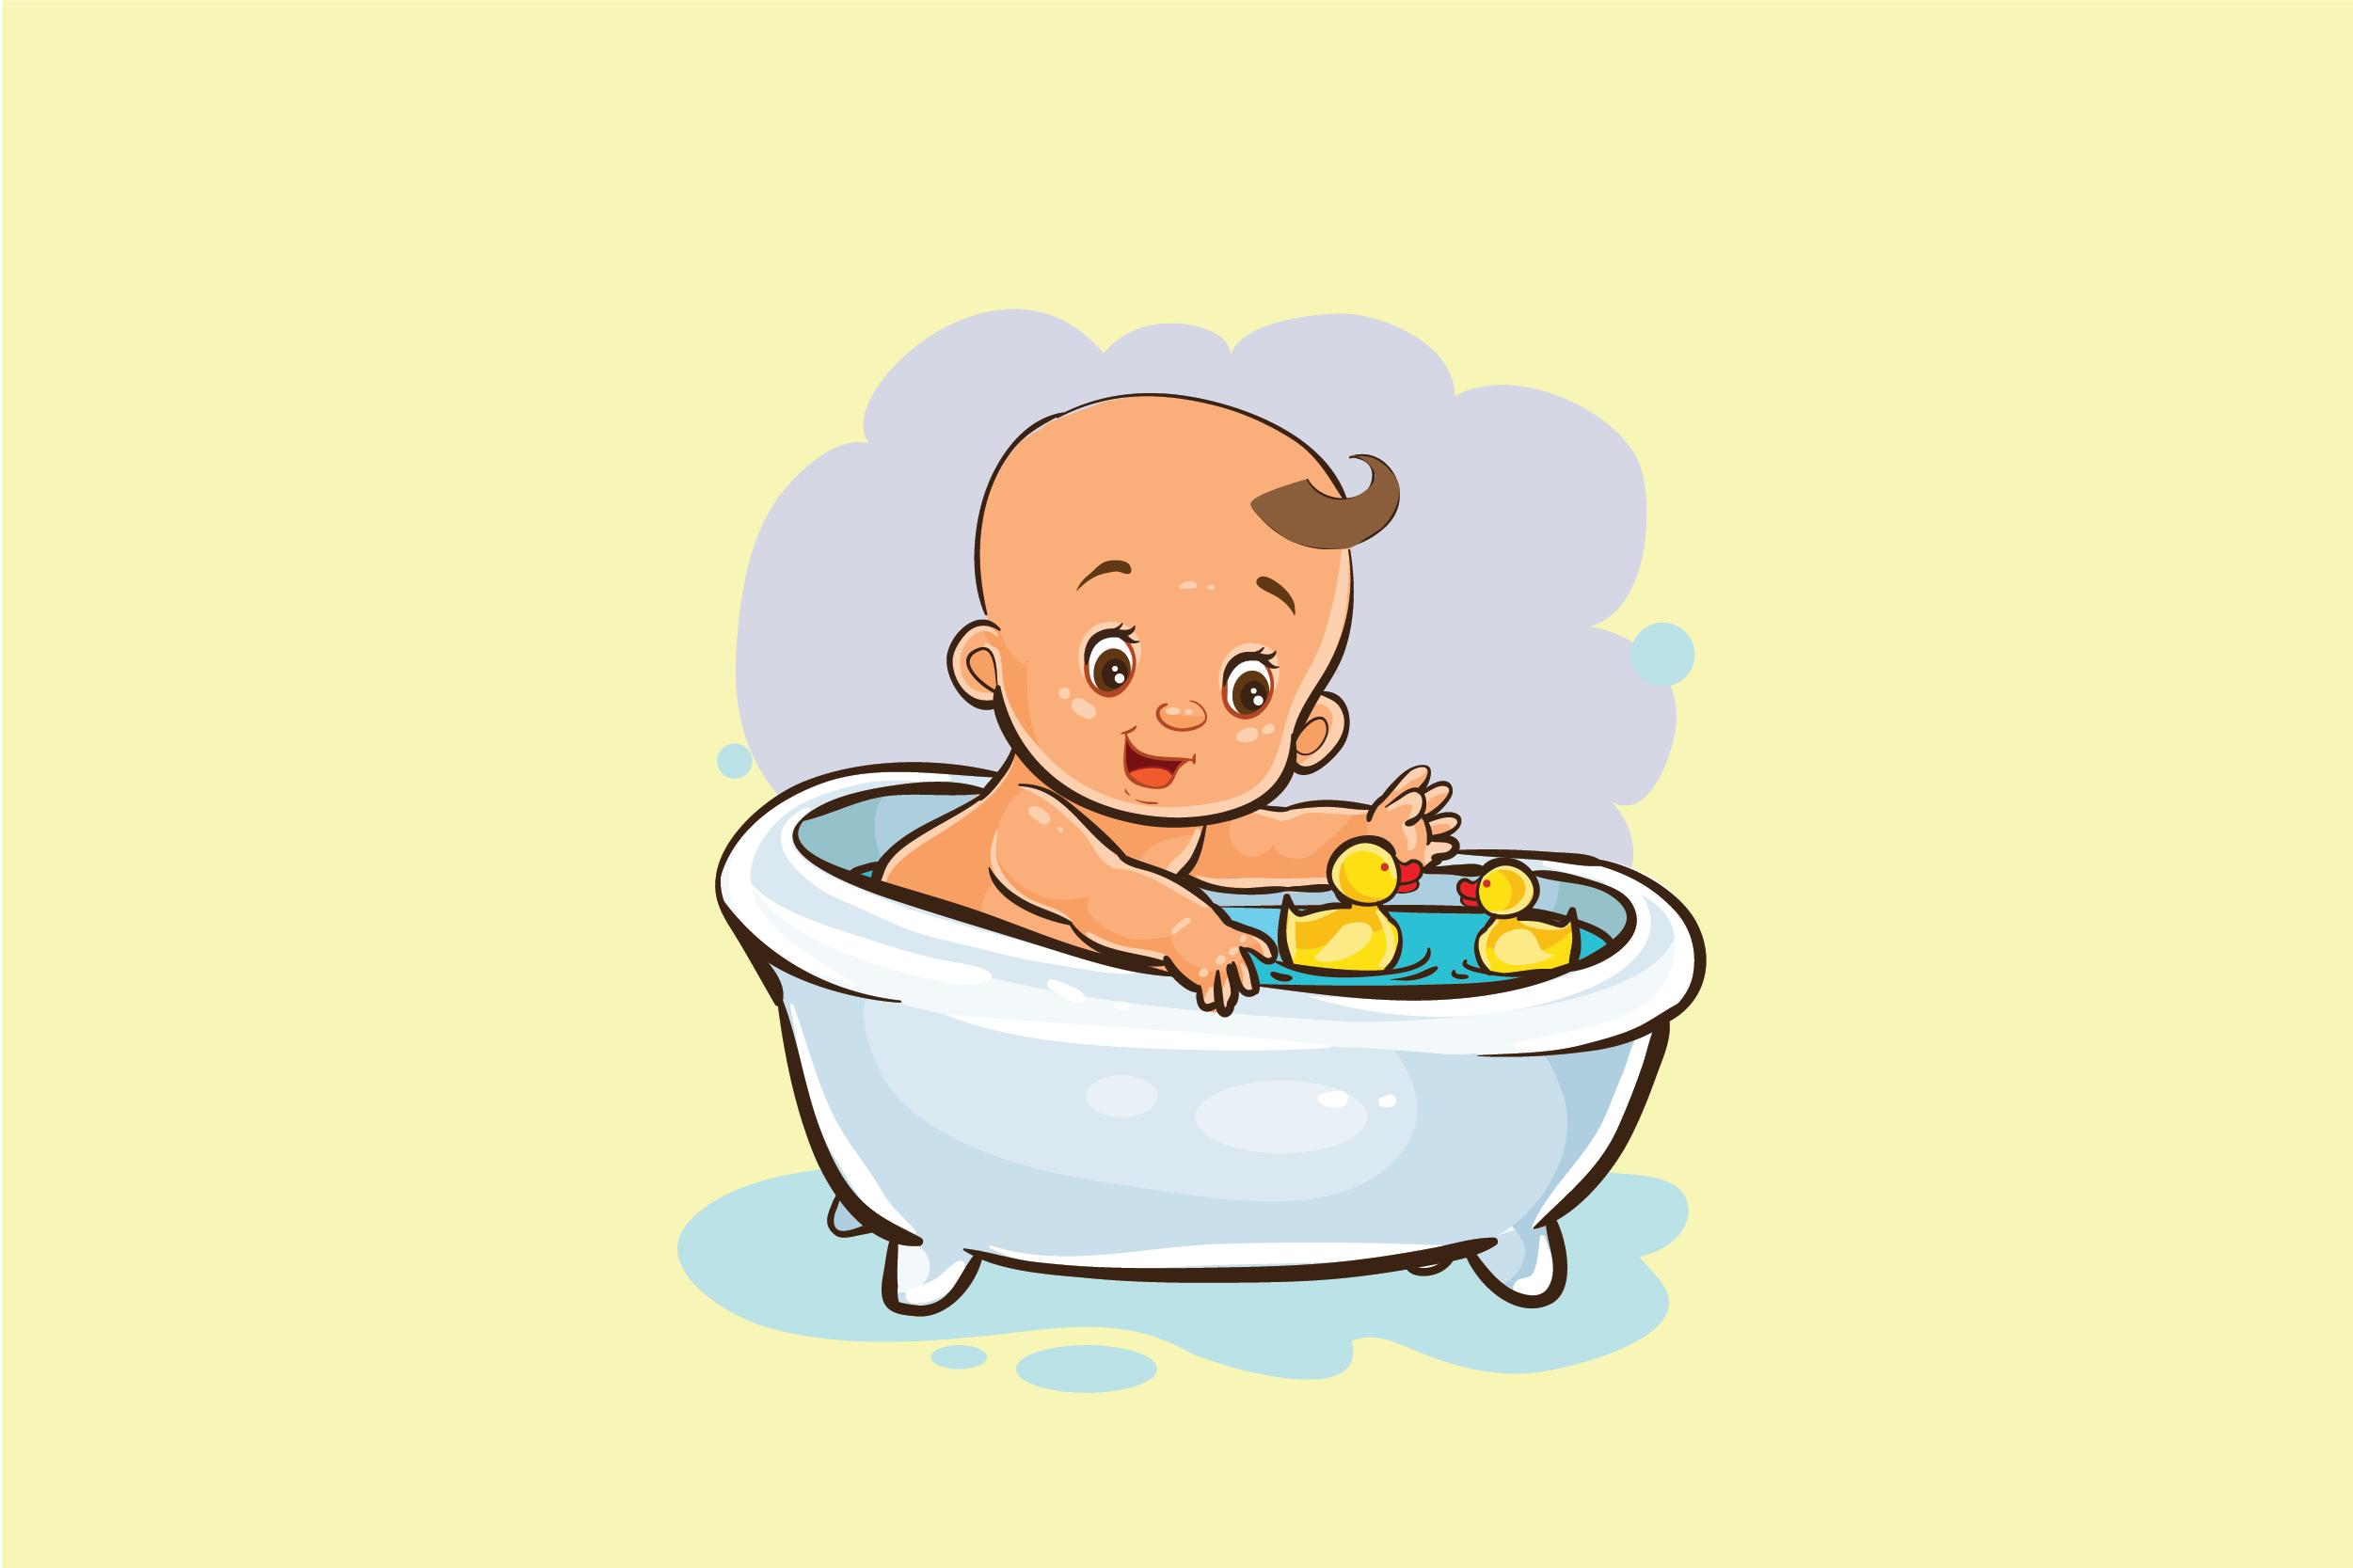 Begini Memandikan Bayi Baru Lahir Menurut Rekomendasi Ahli Janethes